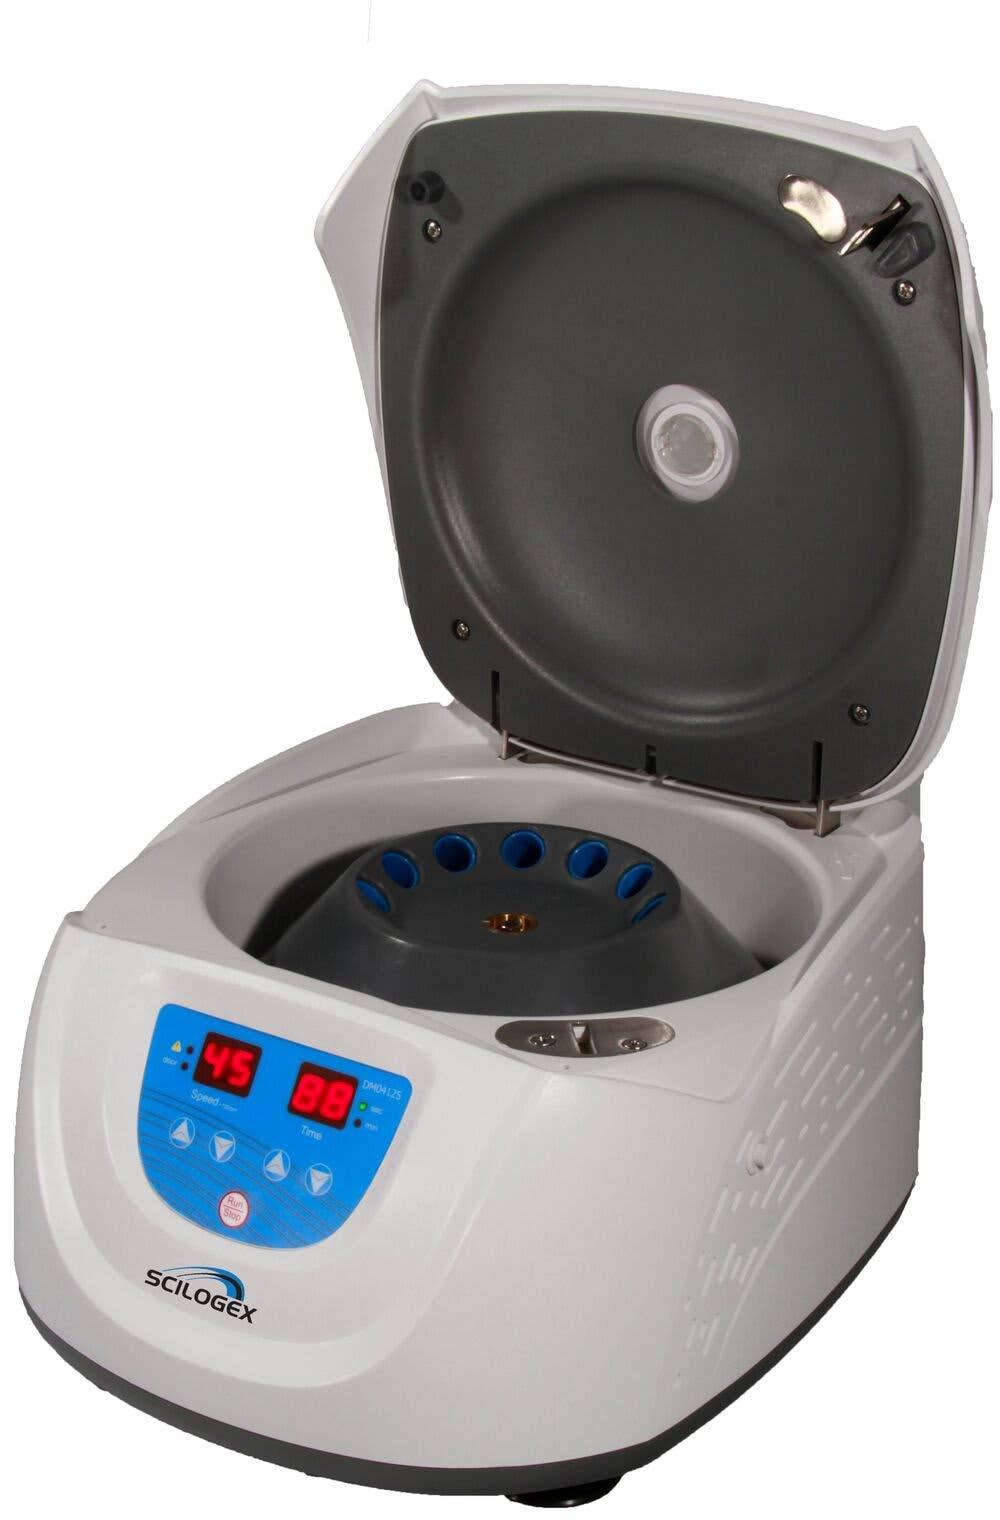 Scilogex 943083439999 DM0412S LED Clinical Centrifuge, 110V, 50/60Hz, US Plug